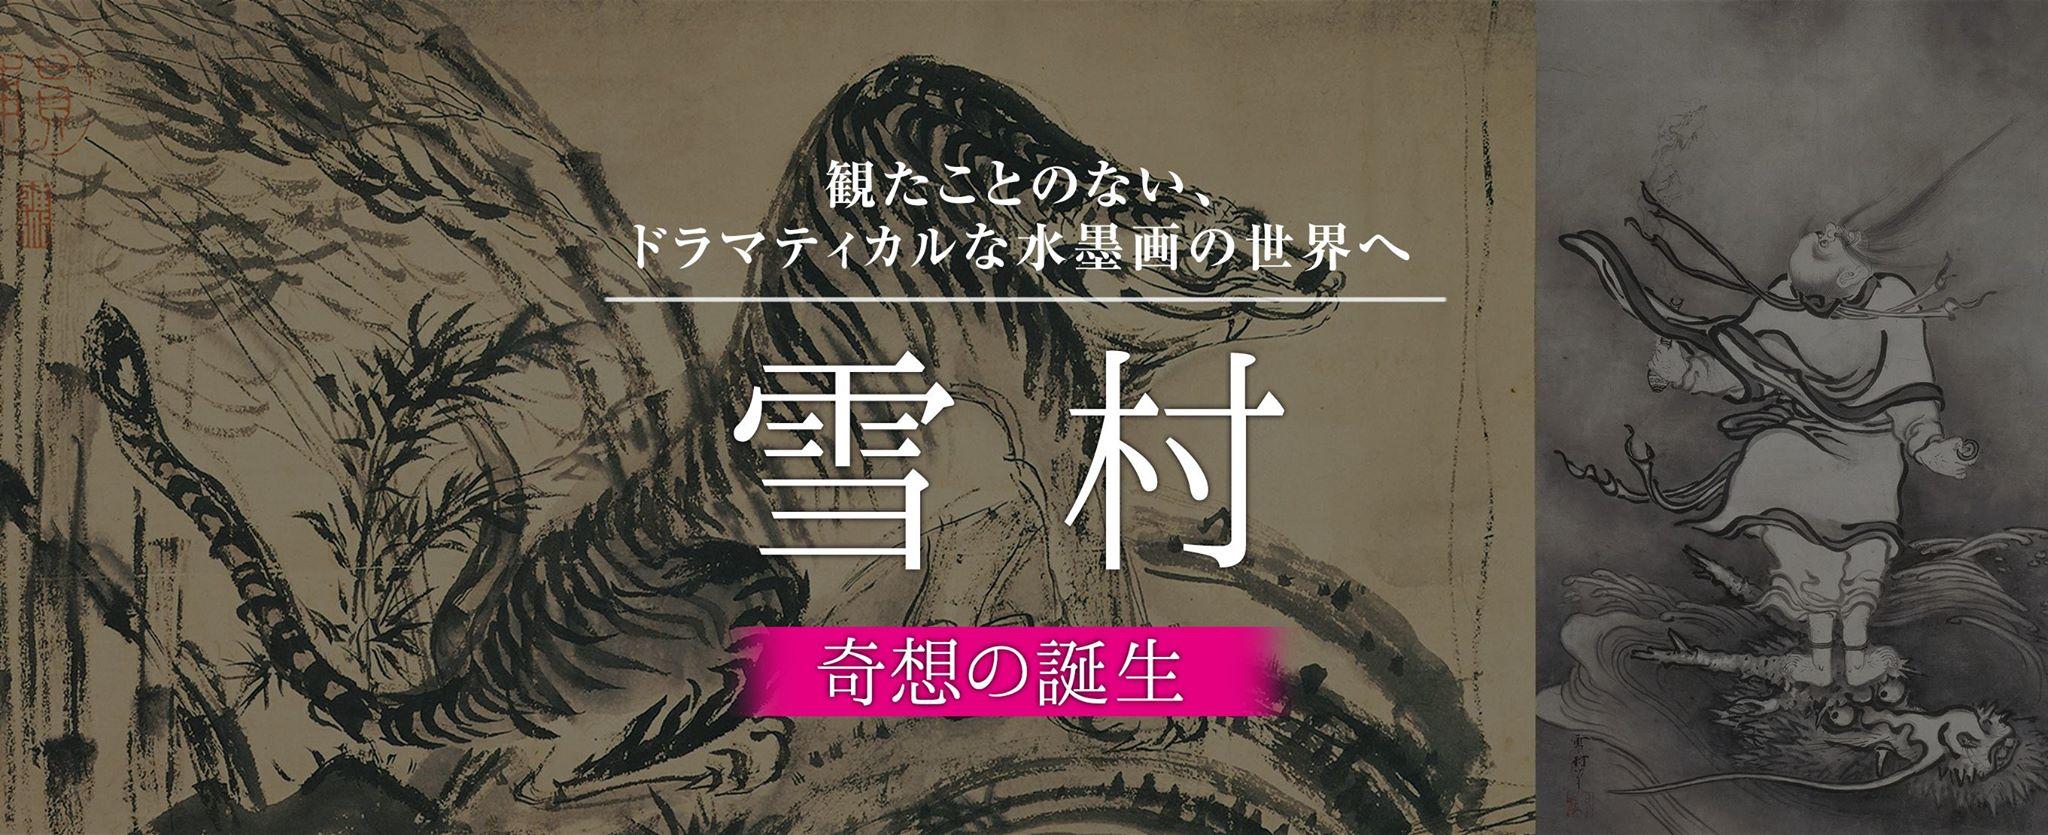 観たことのない、ドラマティカルな水墨画の世界へ 特別展「雪村—奇想の誕生—」